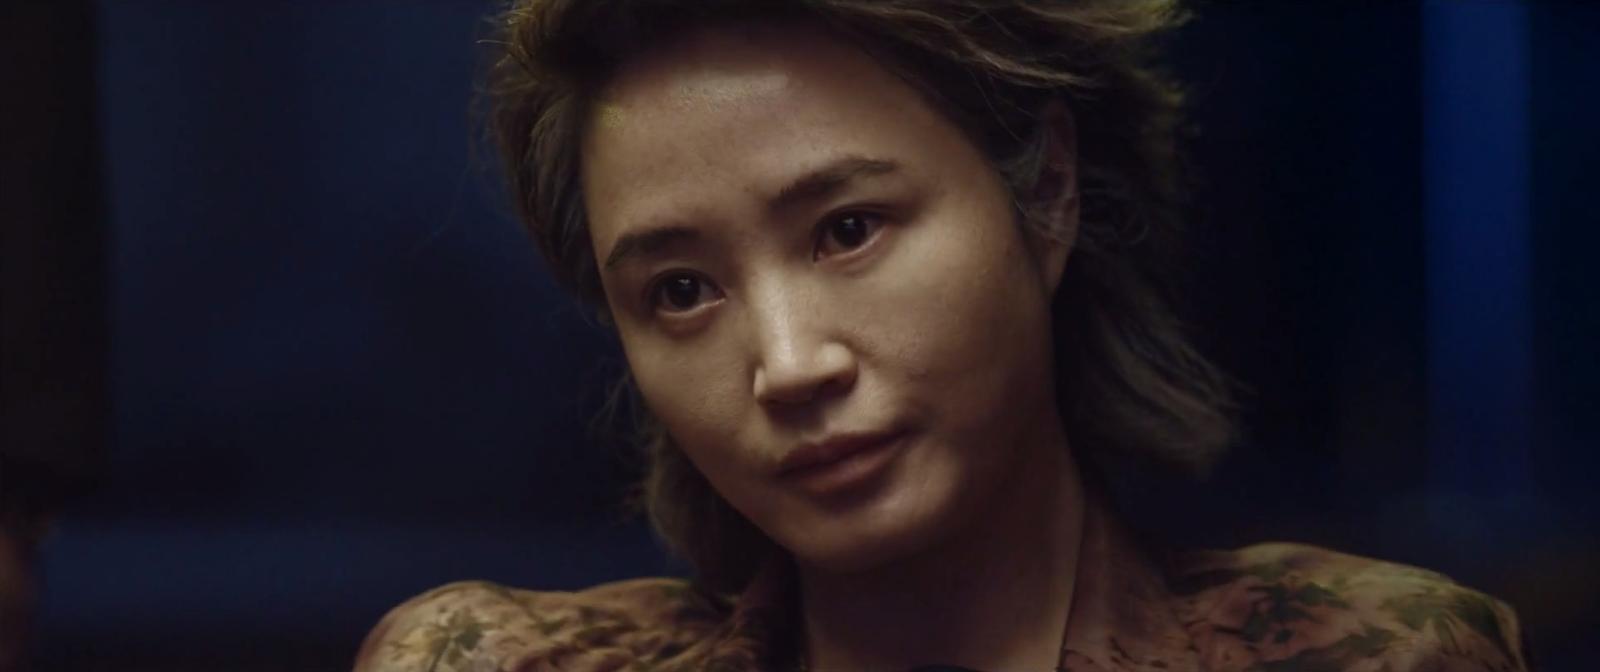 futureless things korean movie